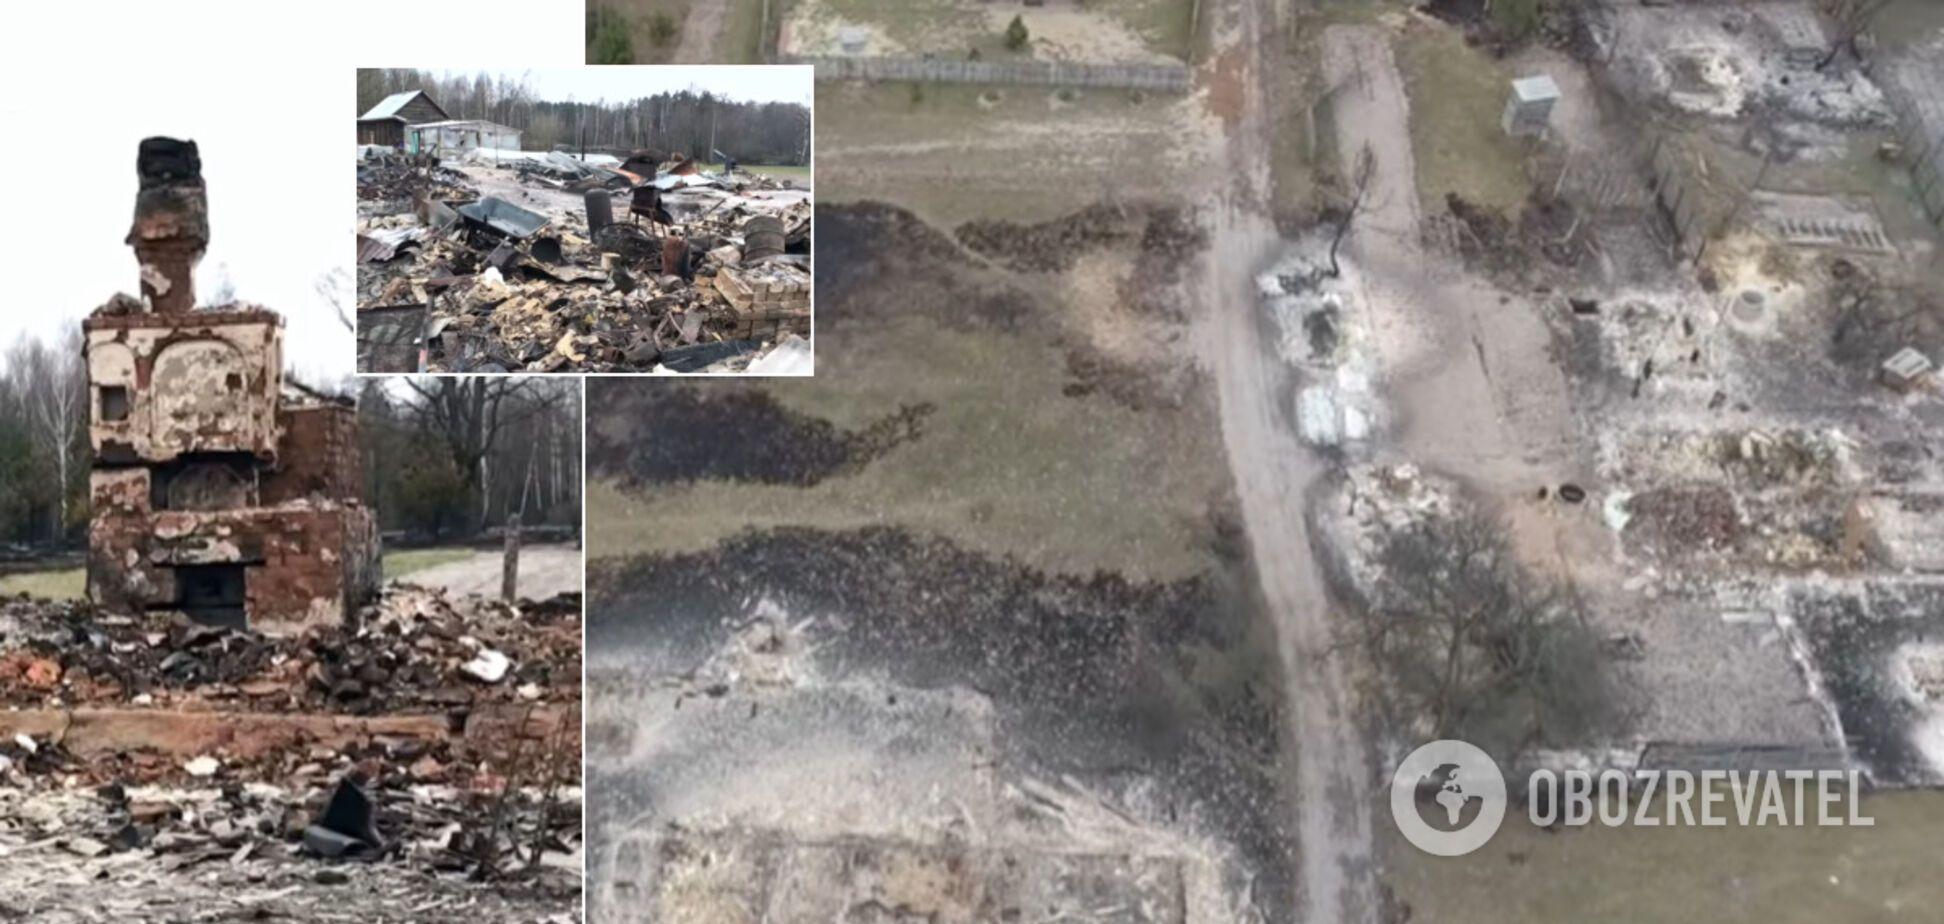 Журналіст показав жахливі наслідки масштабних пожеж на Житомирщині. Відео